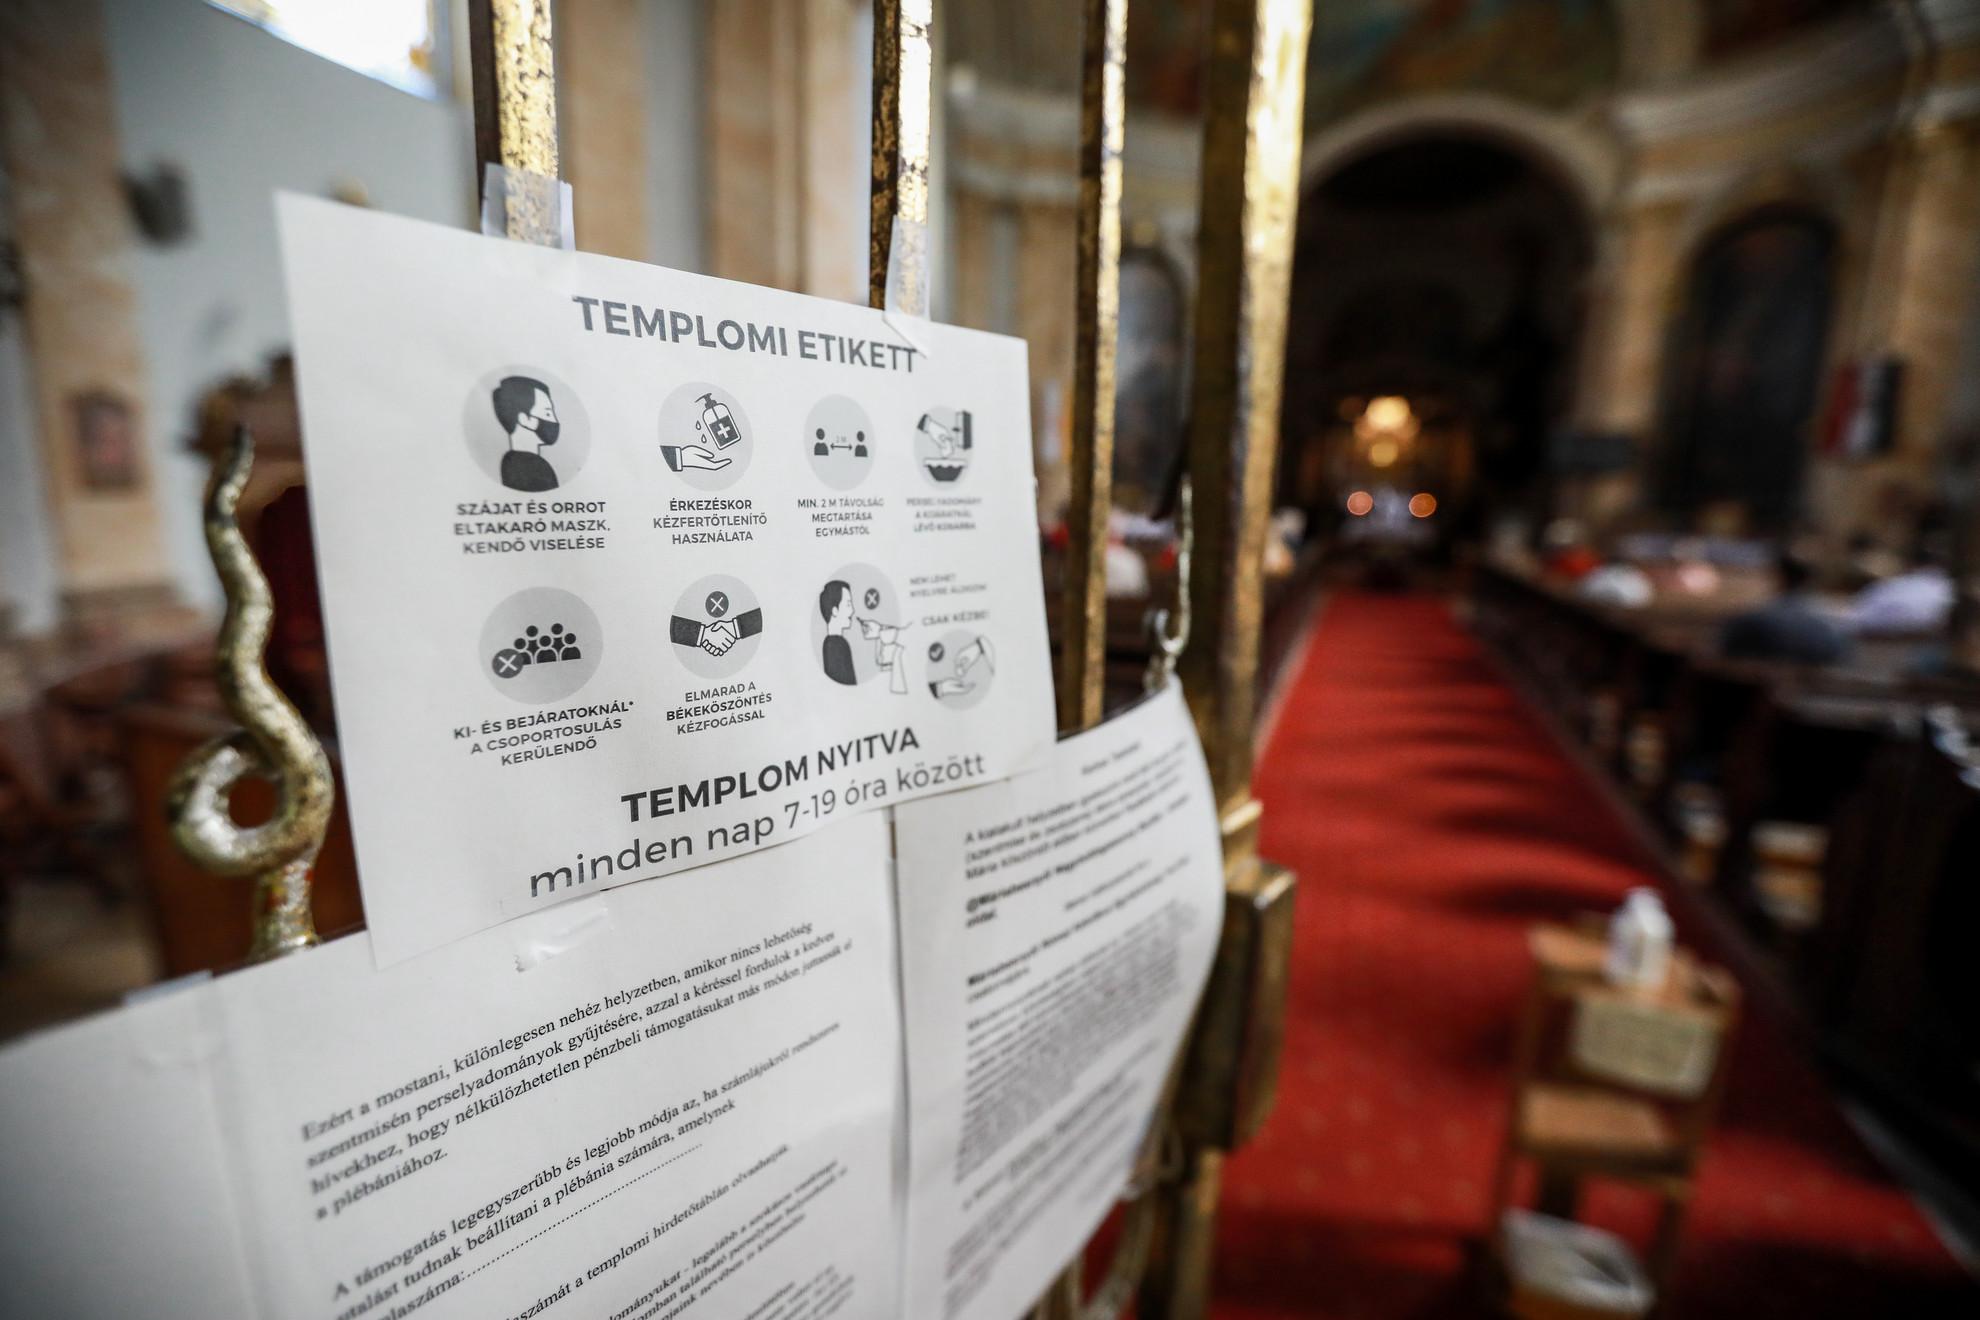 A templomokban az óvintézkedések betartásával védik a hívőket